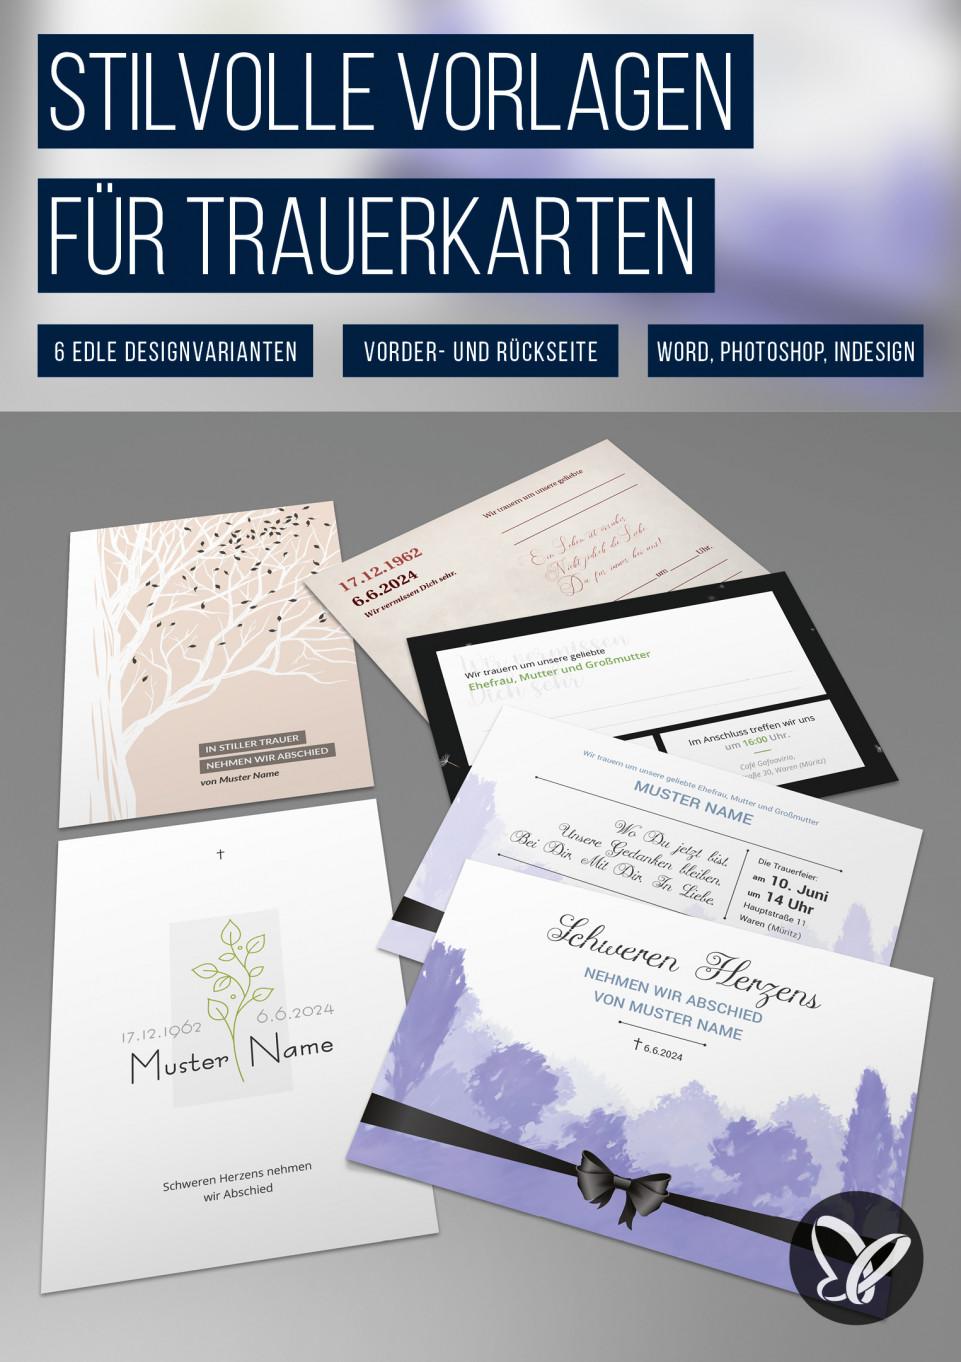 Trauerkarten-Vorlagen für Einladungen zu Beerdigung und Trauerfeier